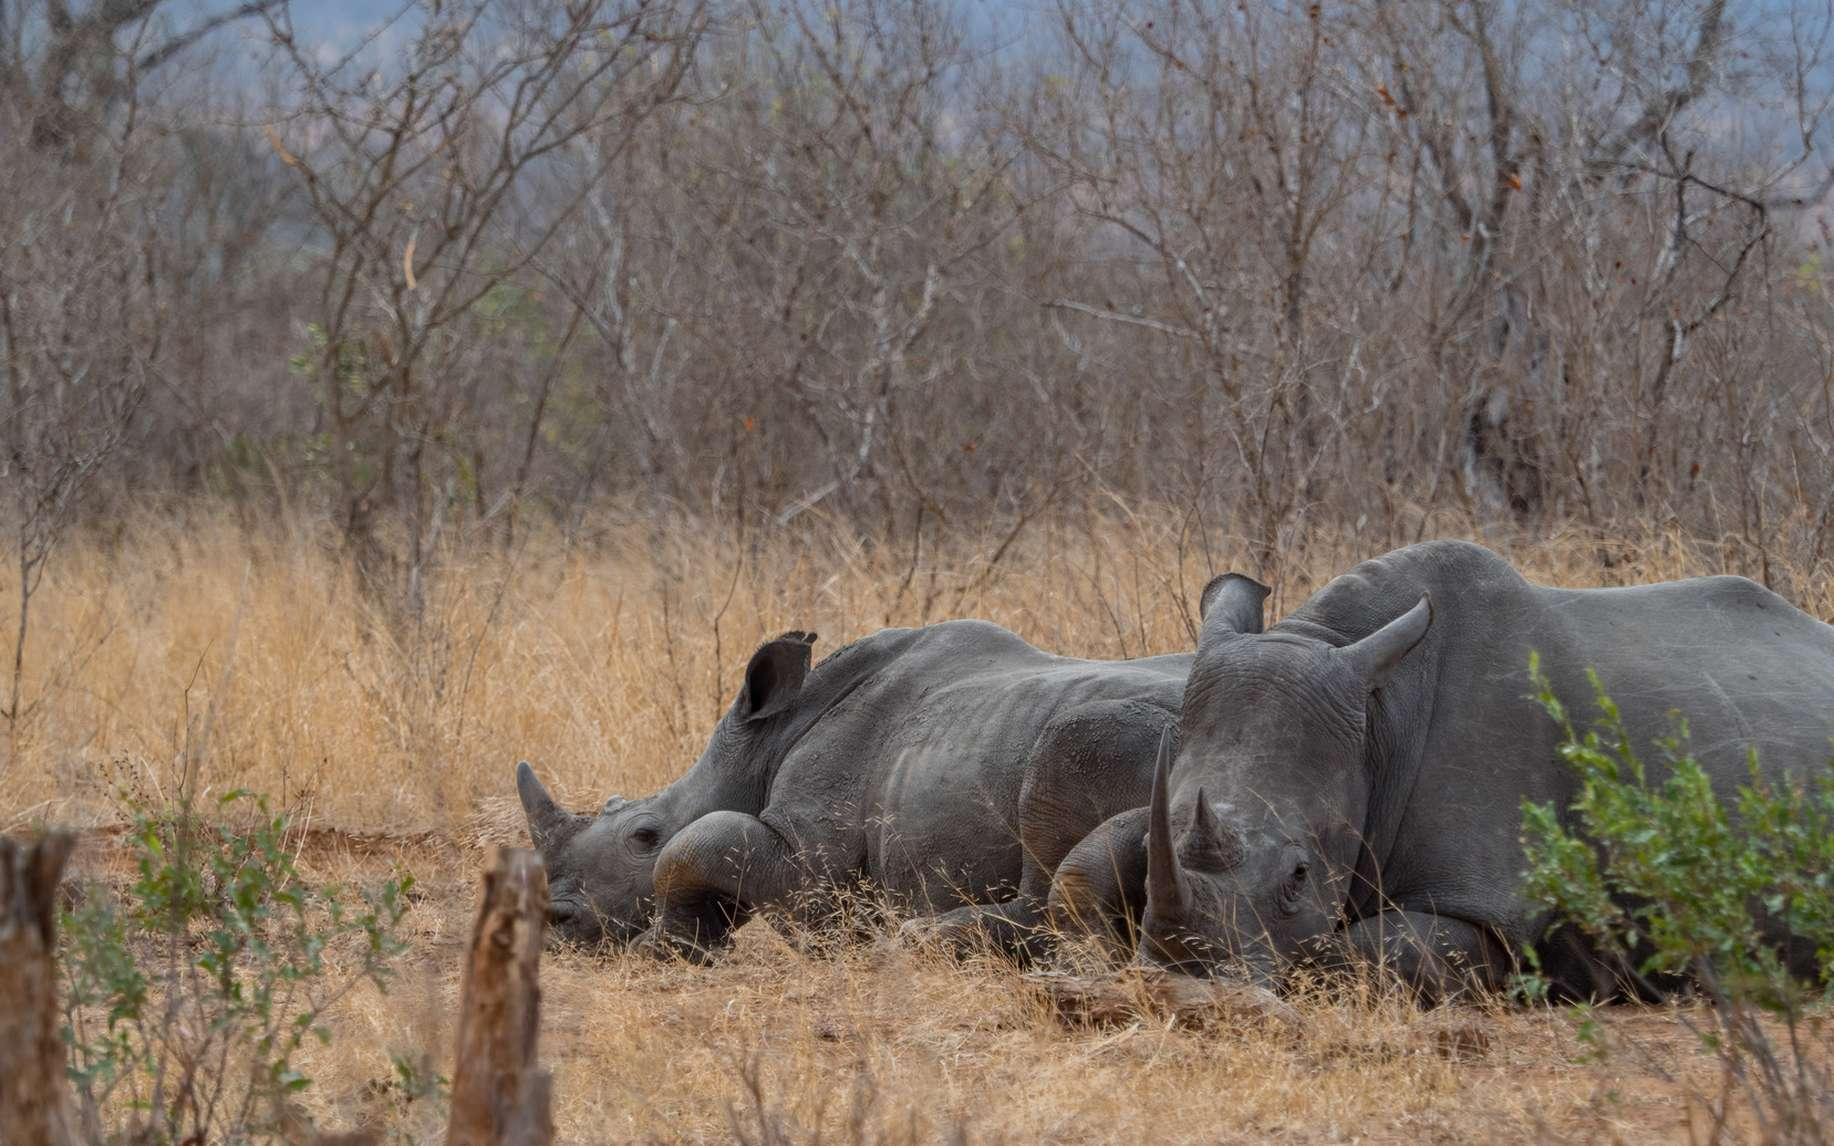 Les rhinocéros sont très menacés, notamment parce que leurs cornes sont convoitées pour les vertus médicinales que leur accordent des traditions asiatiques. © WilcoUK